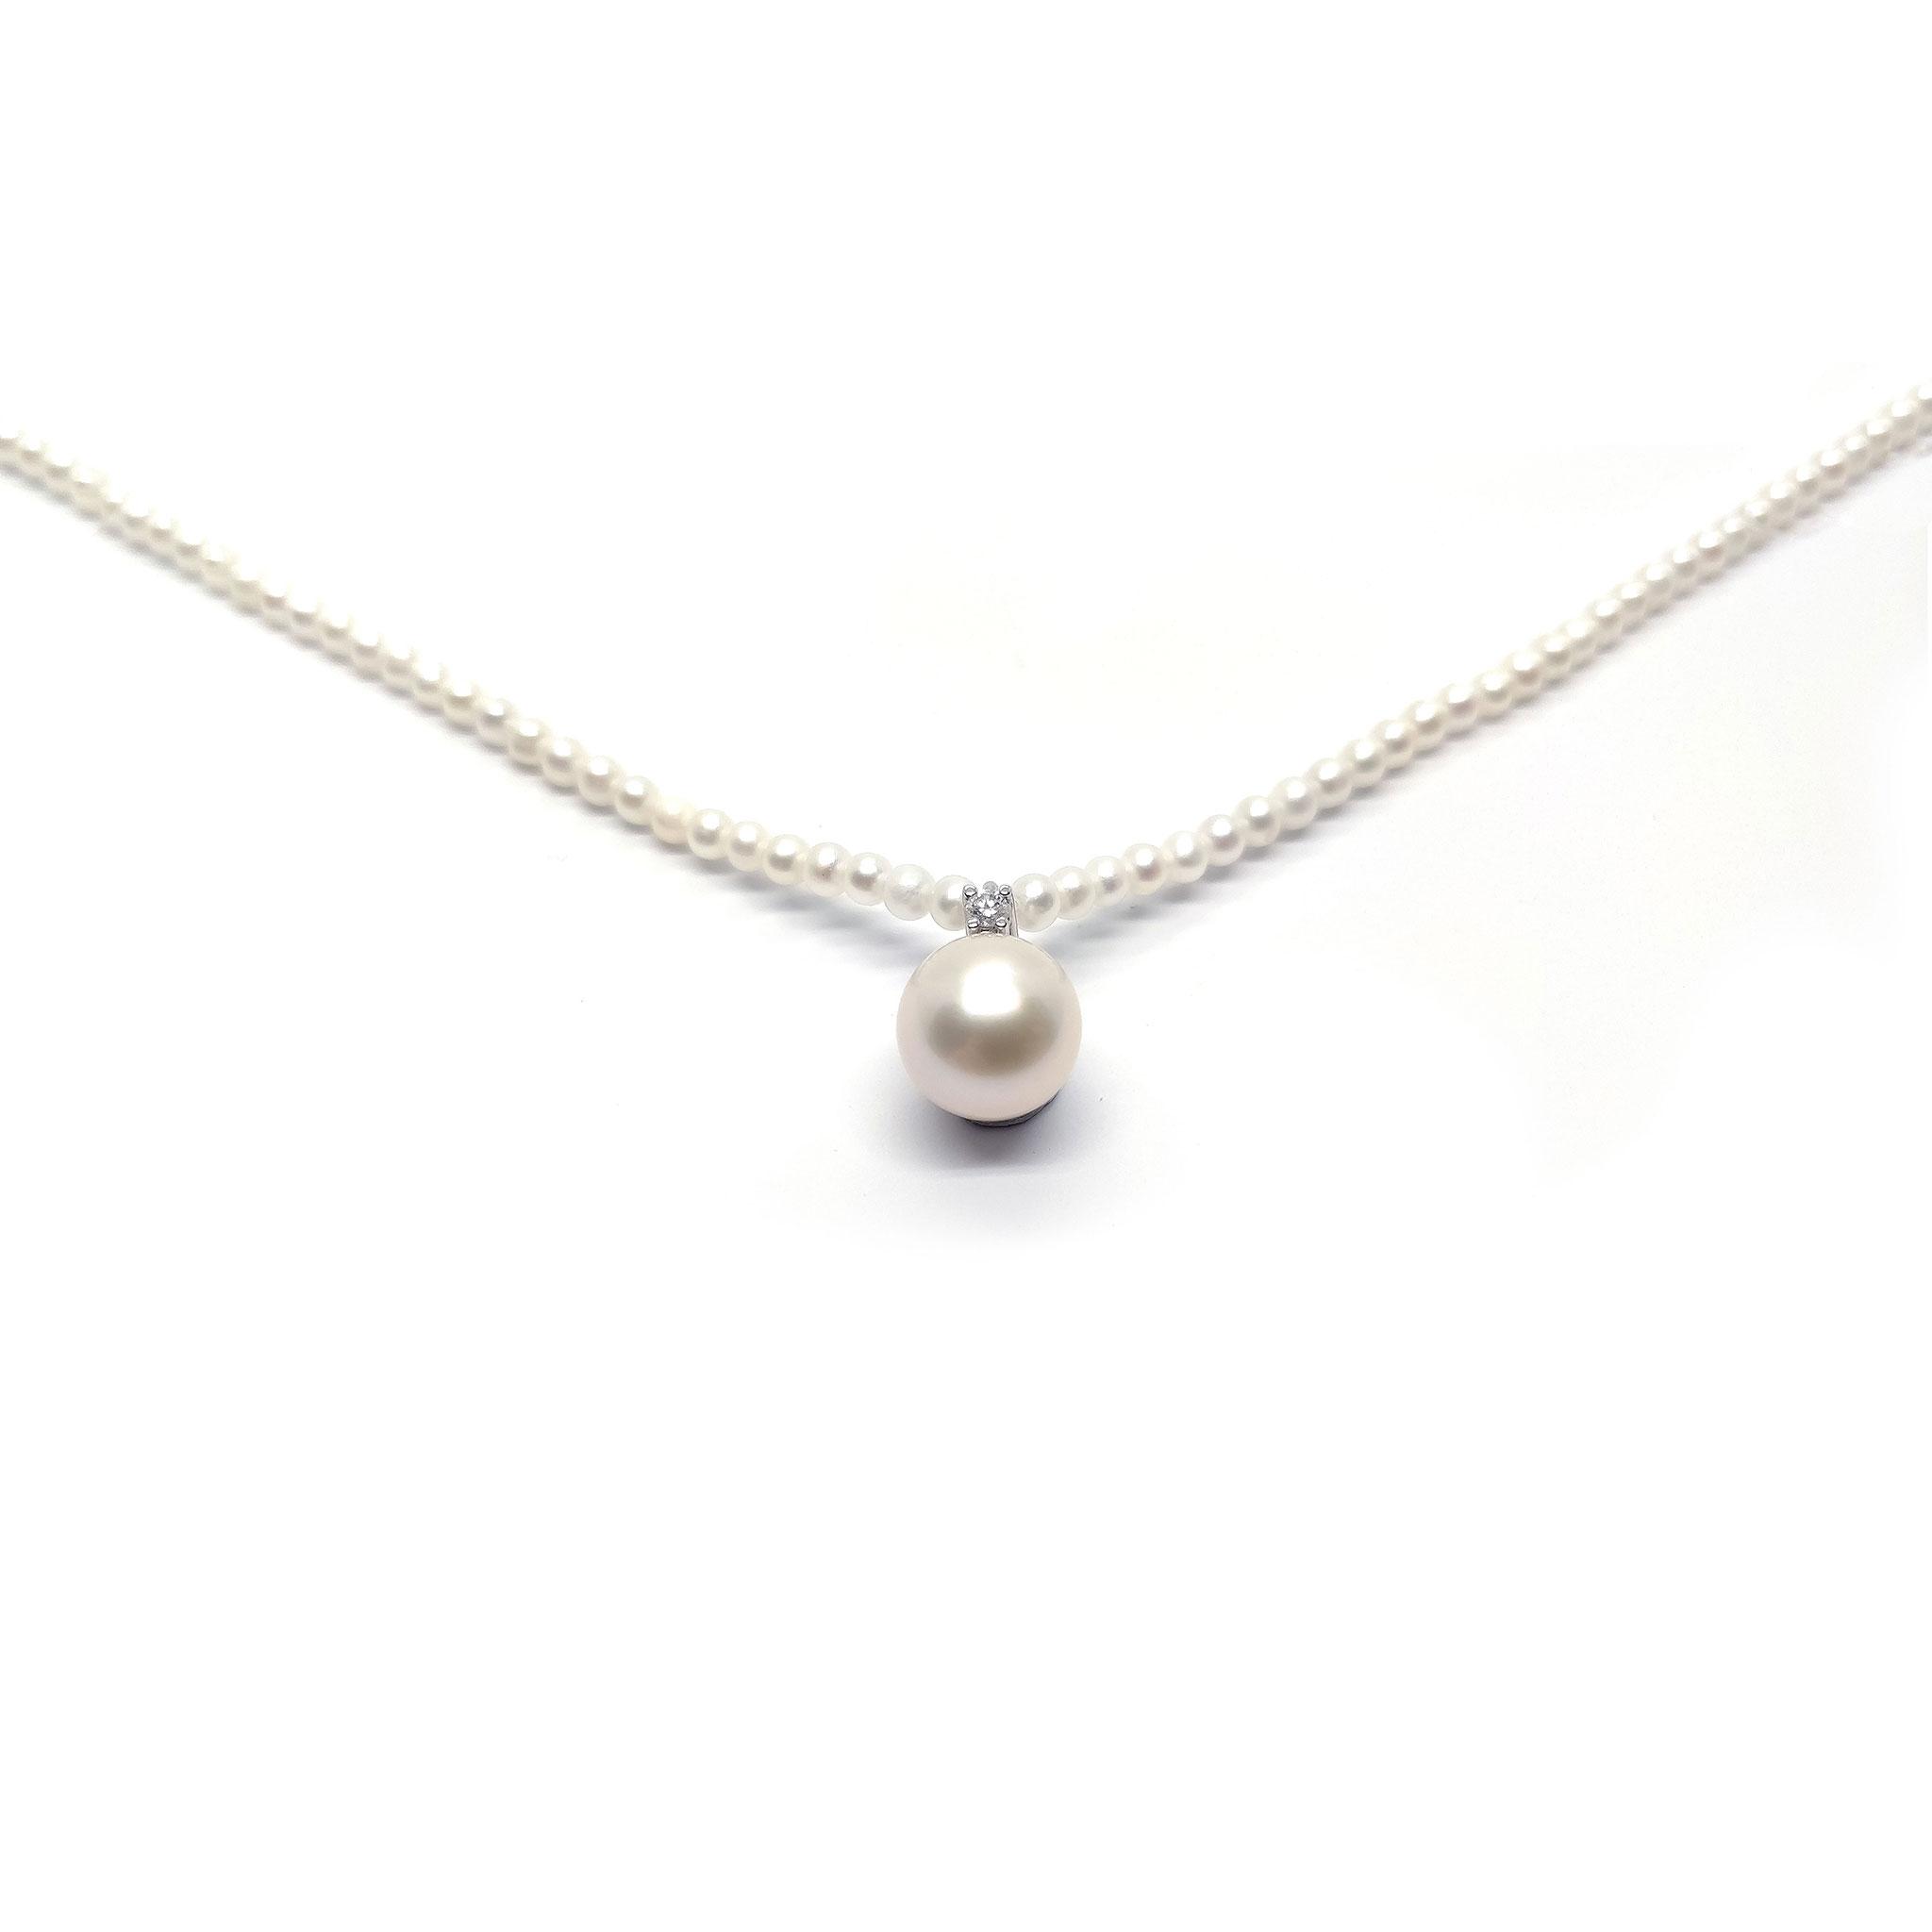 Girocollo di Perle Freshwater 2.5/3 mm con Pendente di Diamanti